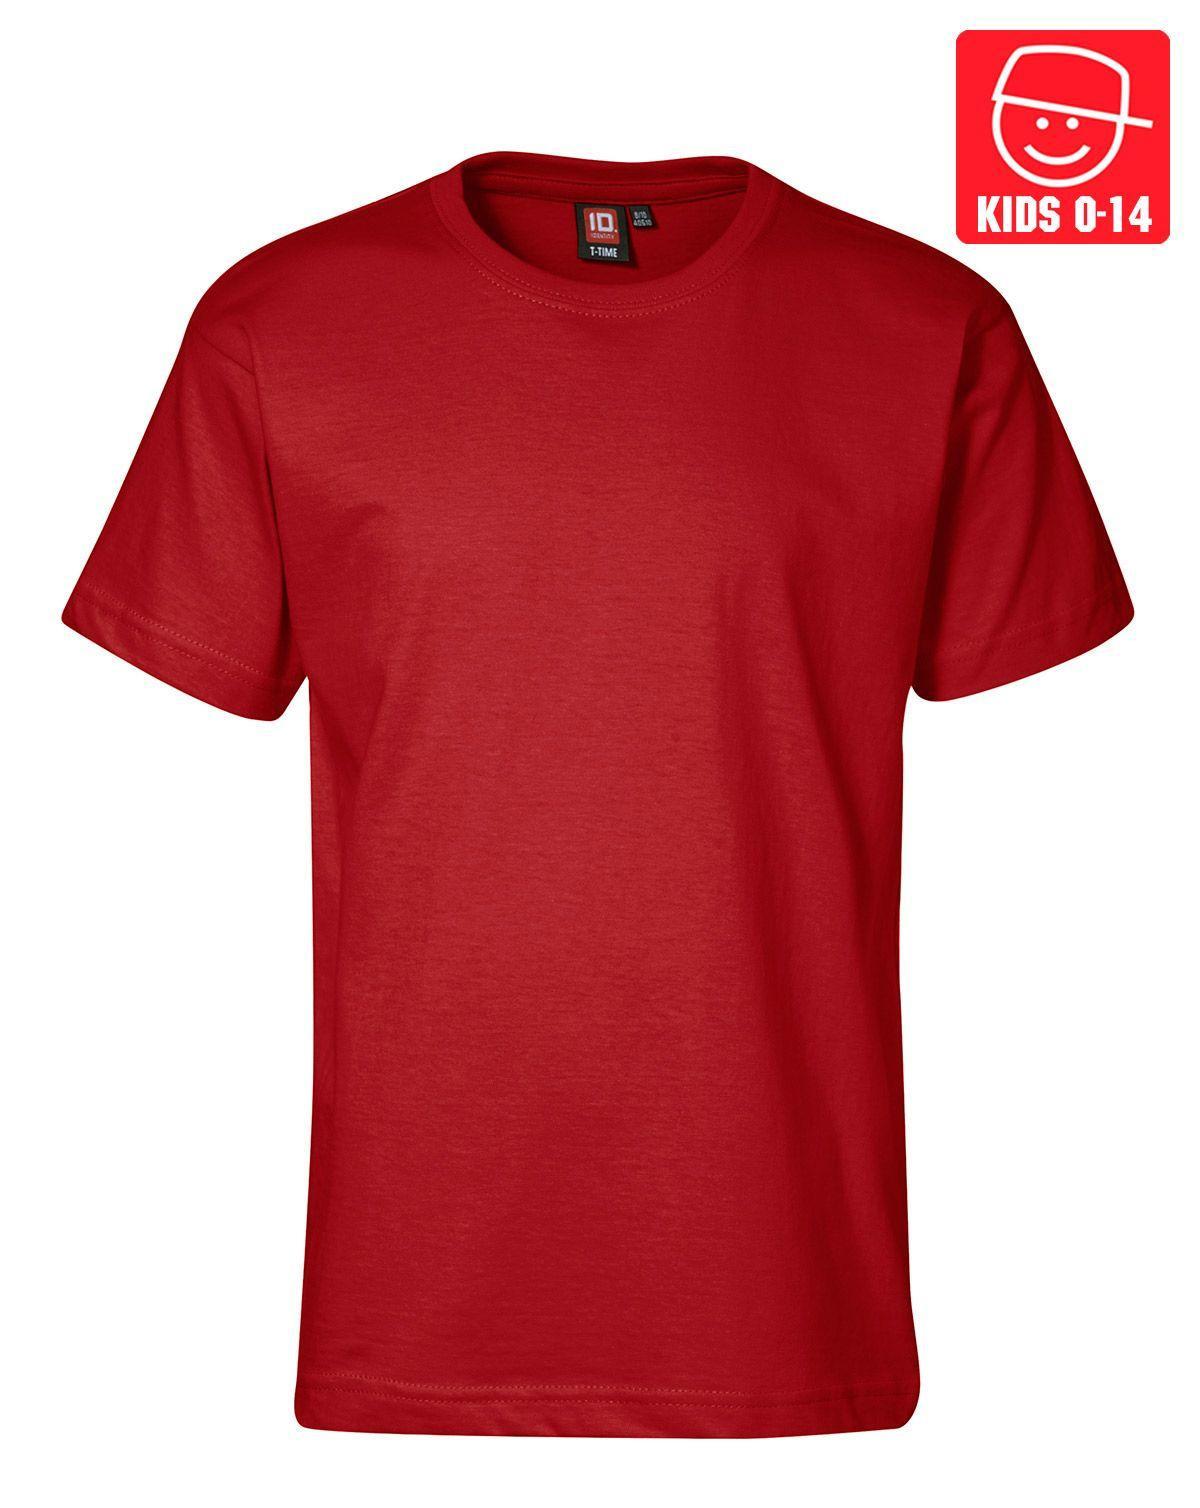 Billede af ID T-TIME T-shirt (Rød, 158)